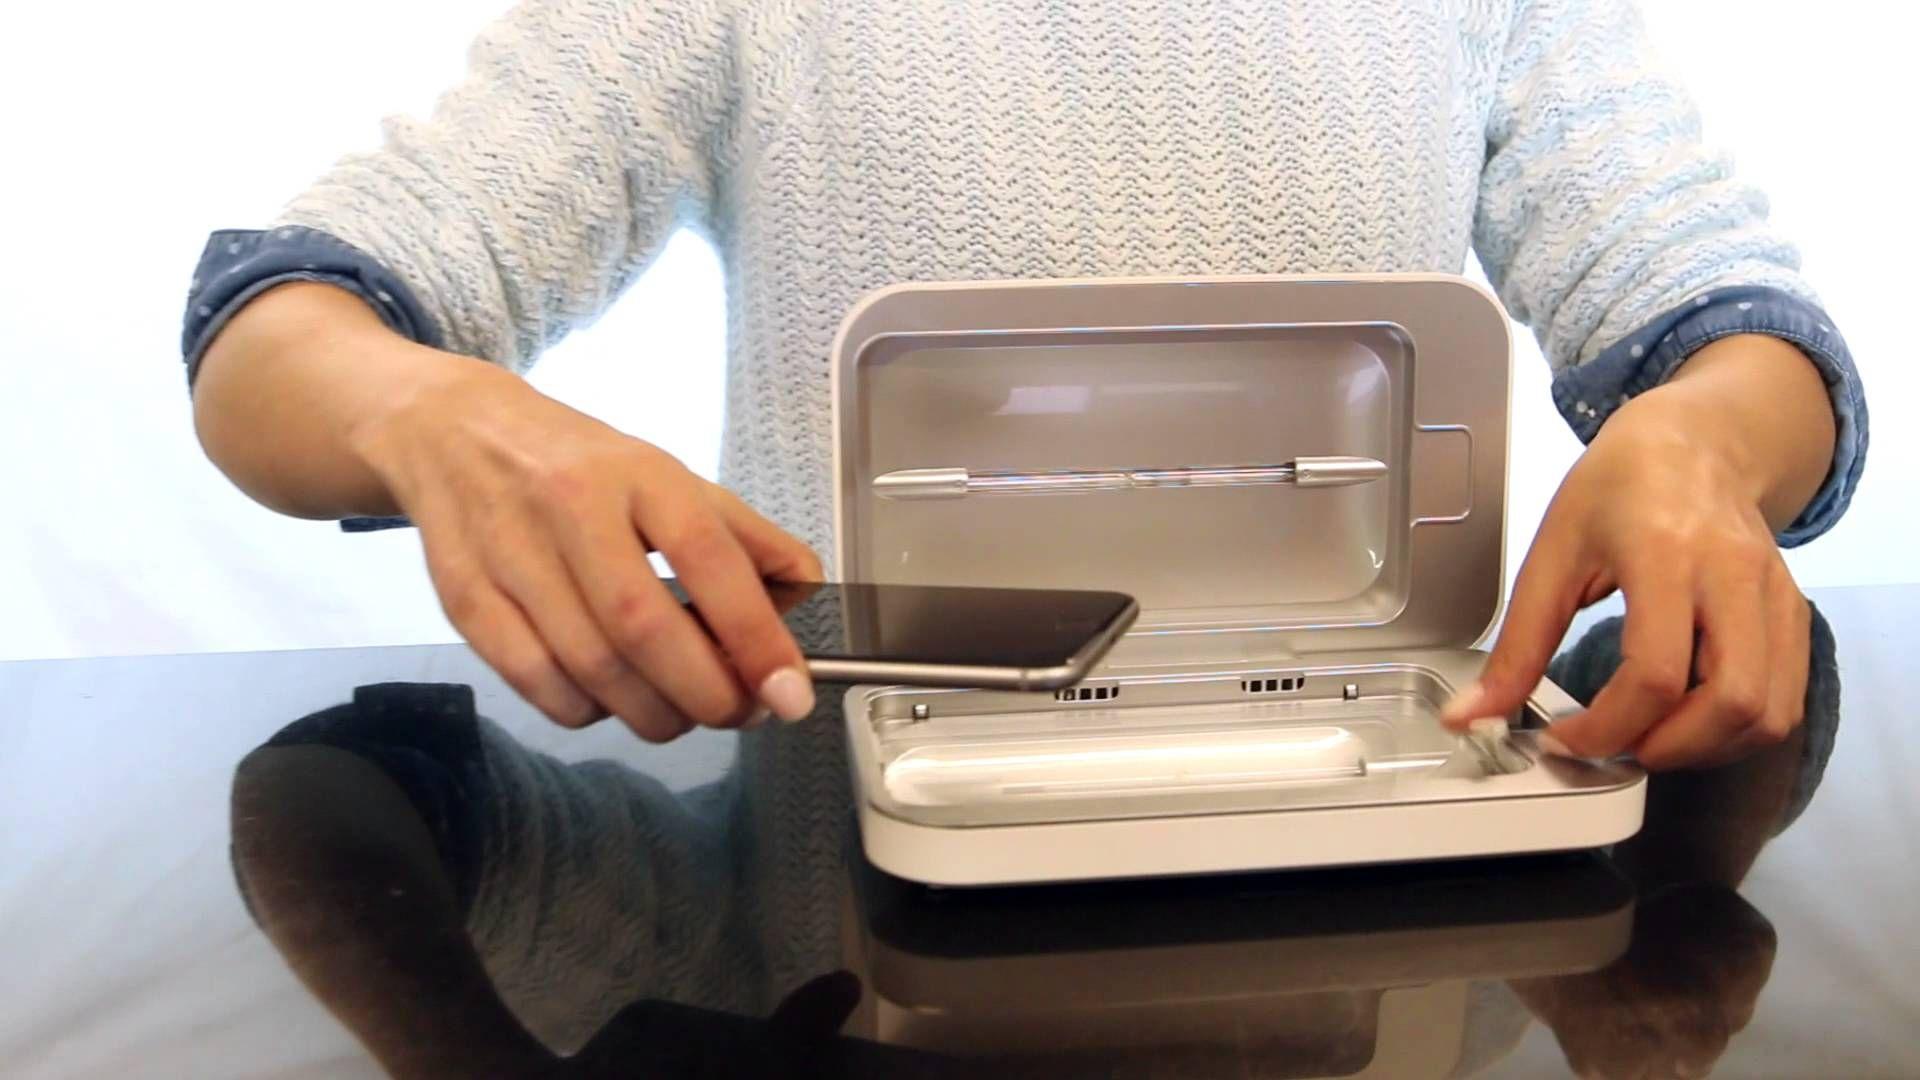 Thiết bị khử khuẩn điện thoại di động xuất hiện nhiều tại chợ mạng, giá bán không hề rẻ nhưng vẫn được nhiều người tiêu dùng săn đón - Ảnh 2.